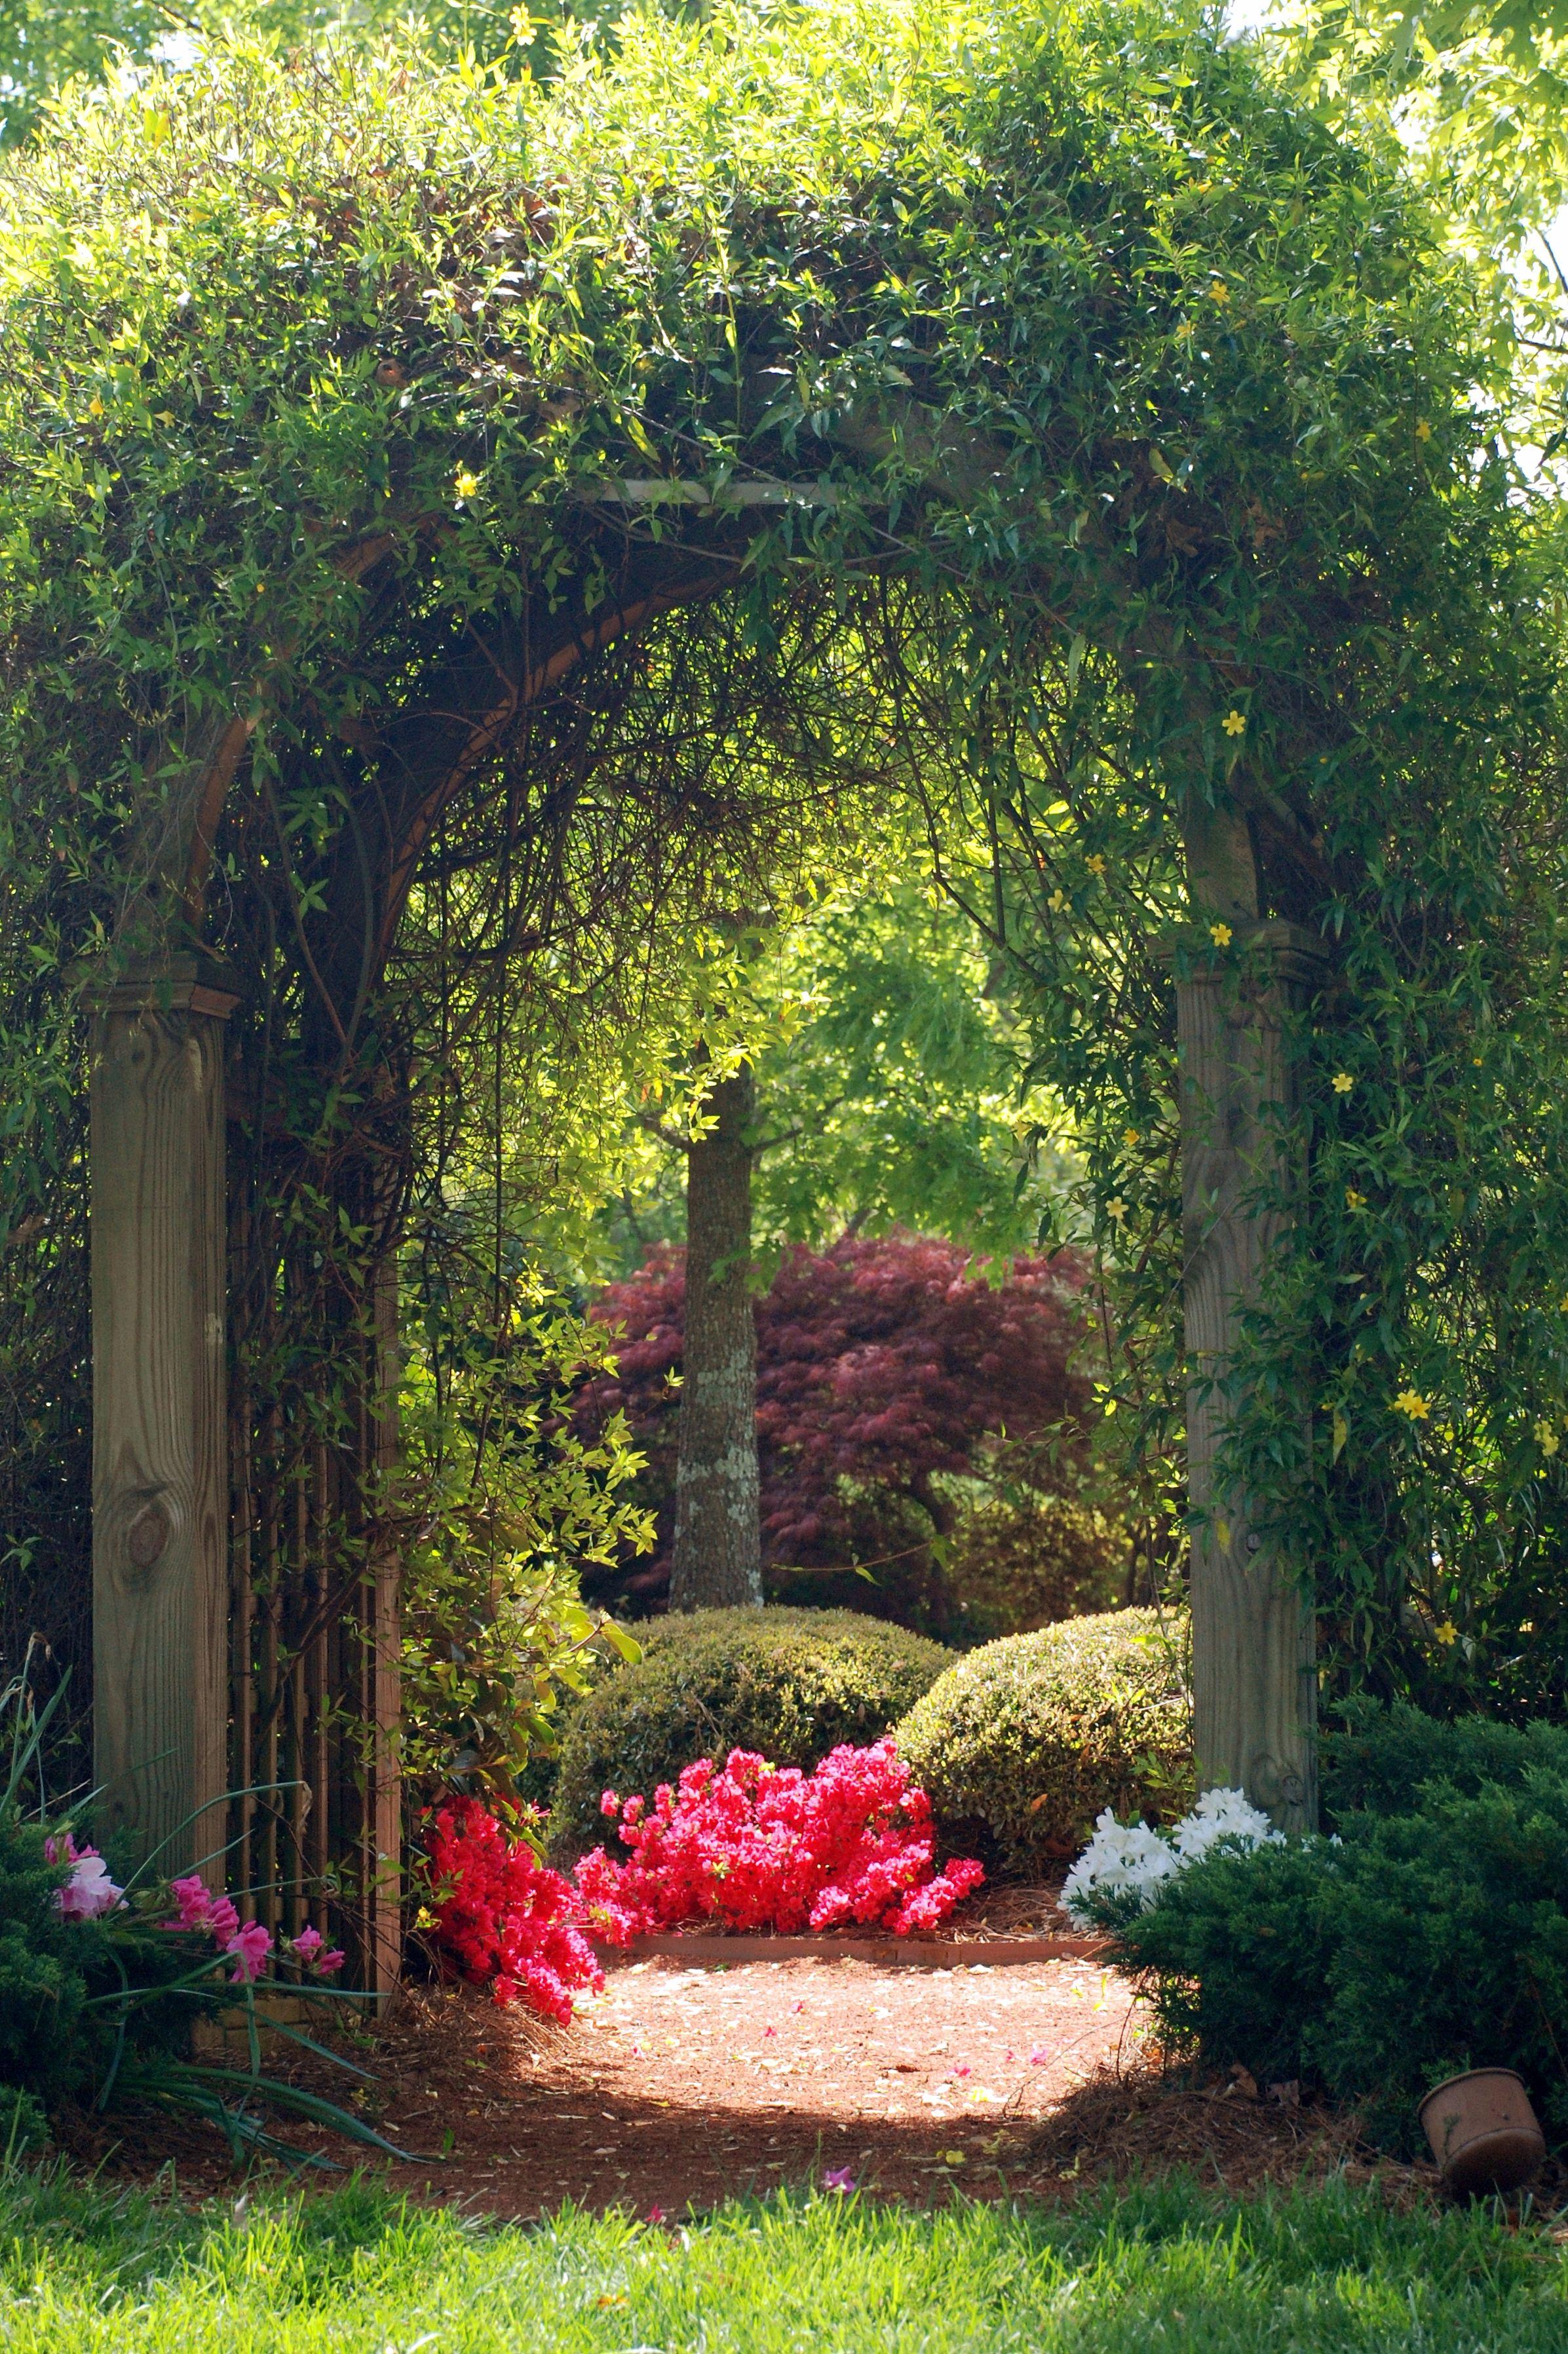 Arbor Covered In Carolina Jessamine Vine Leading In To A